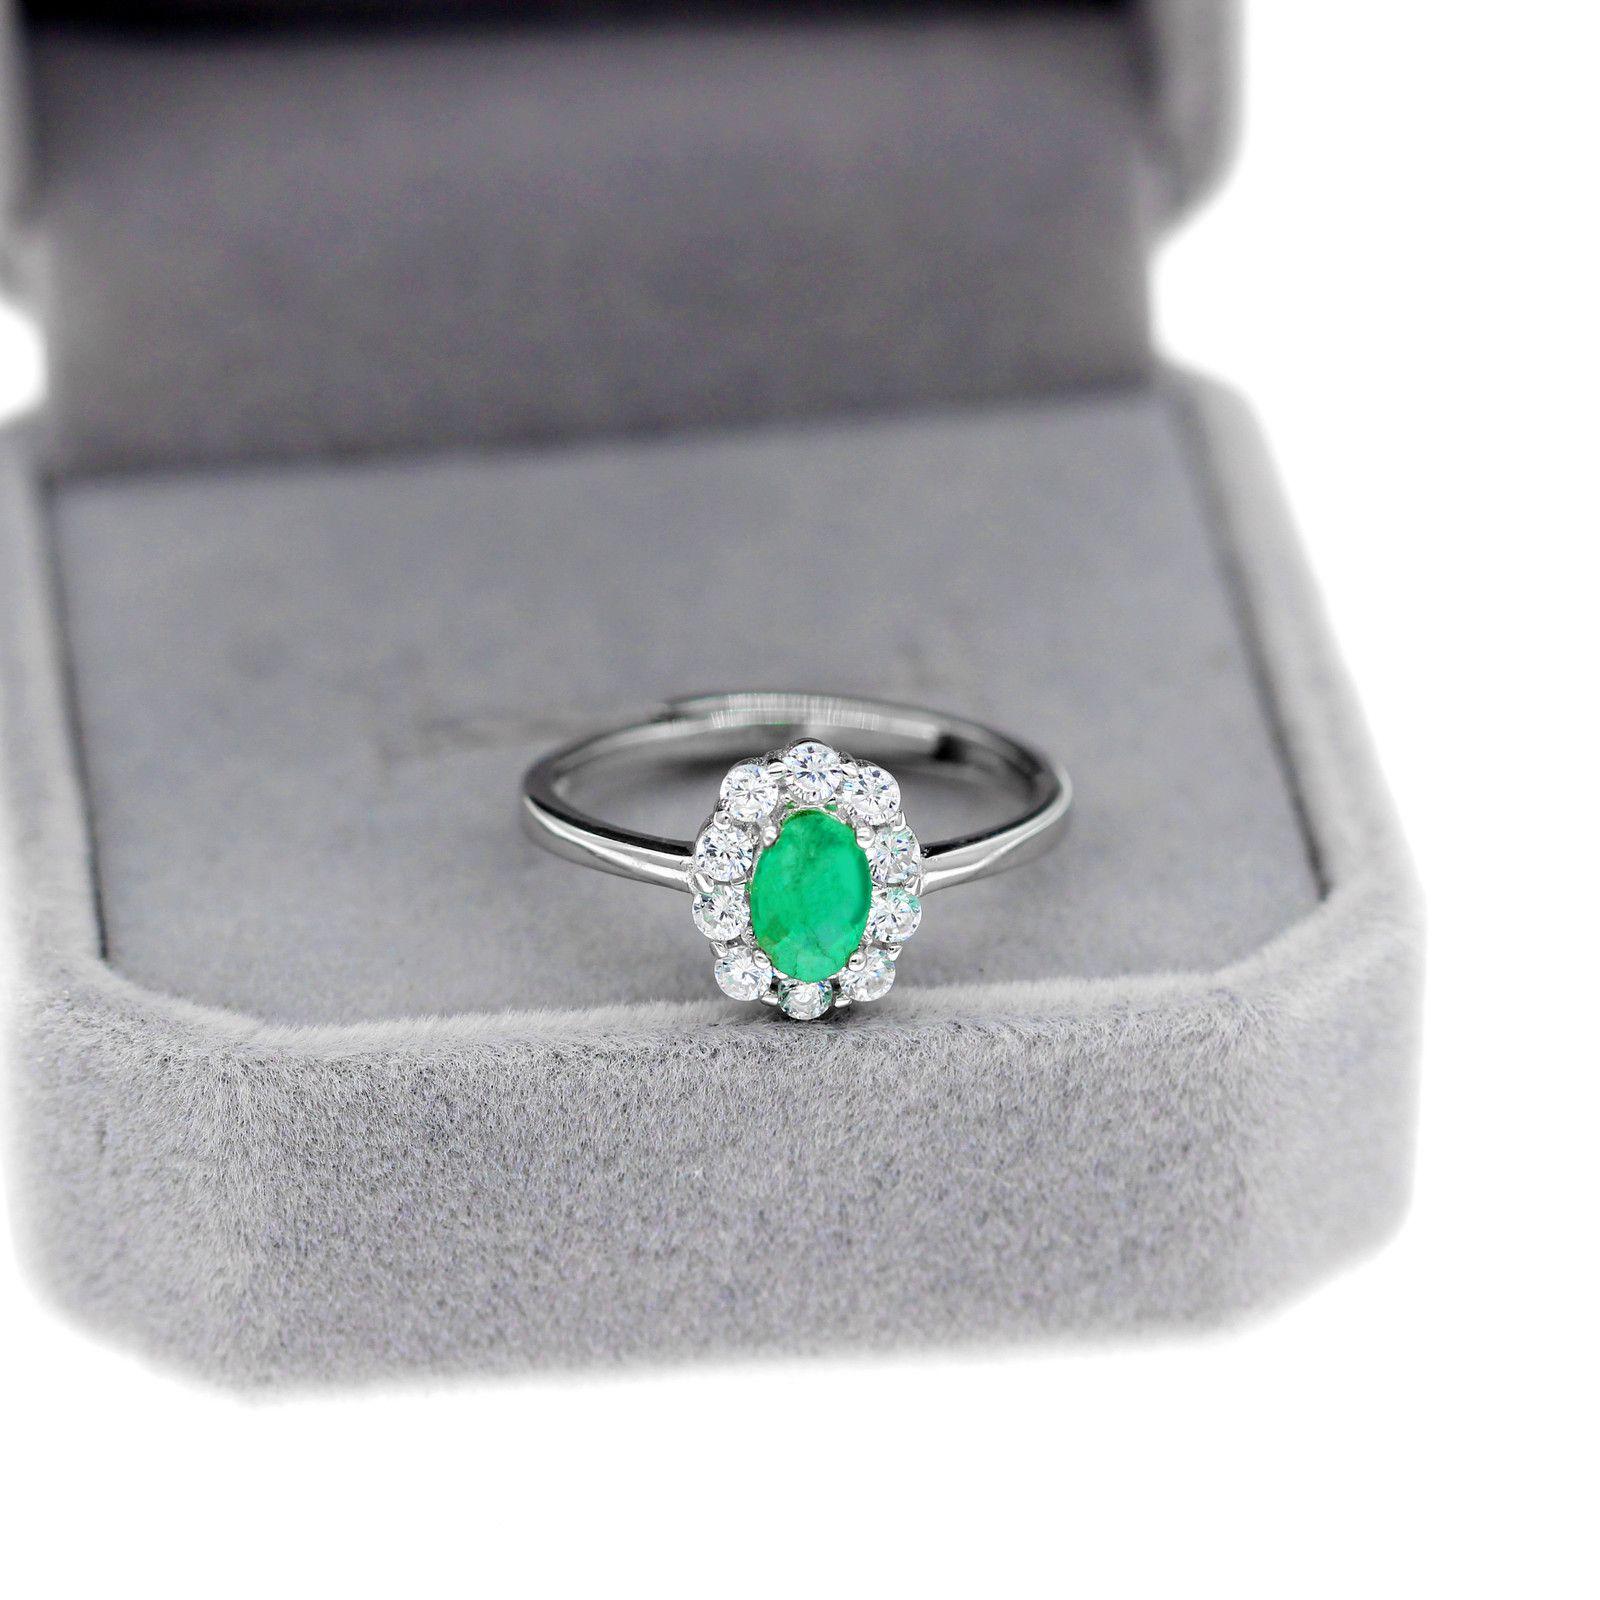 Uloviedo зеленое изумрудное кольцо, цветочные кольца, стерлинговые серебро 925, 4 * 6 мм сертифицированные драгоценные камня свадебные украшения для женщин Q1116